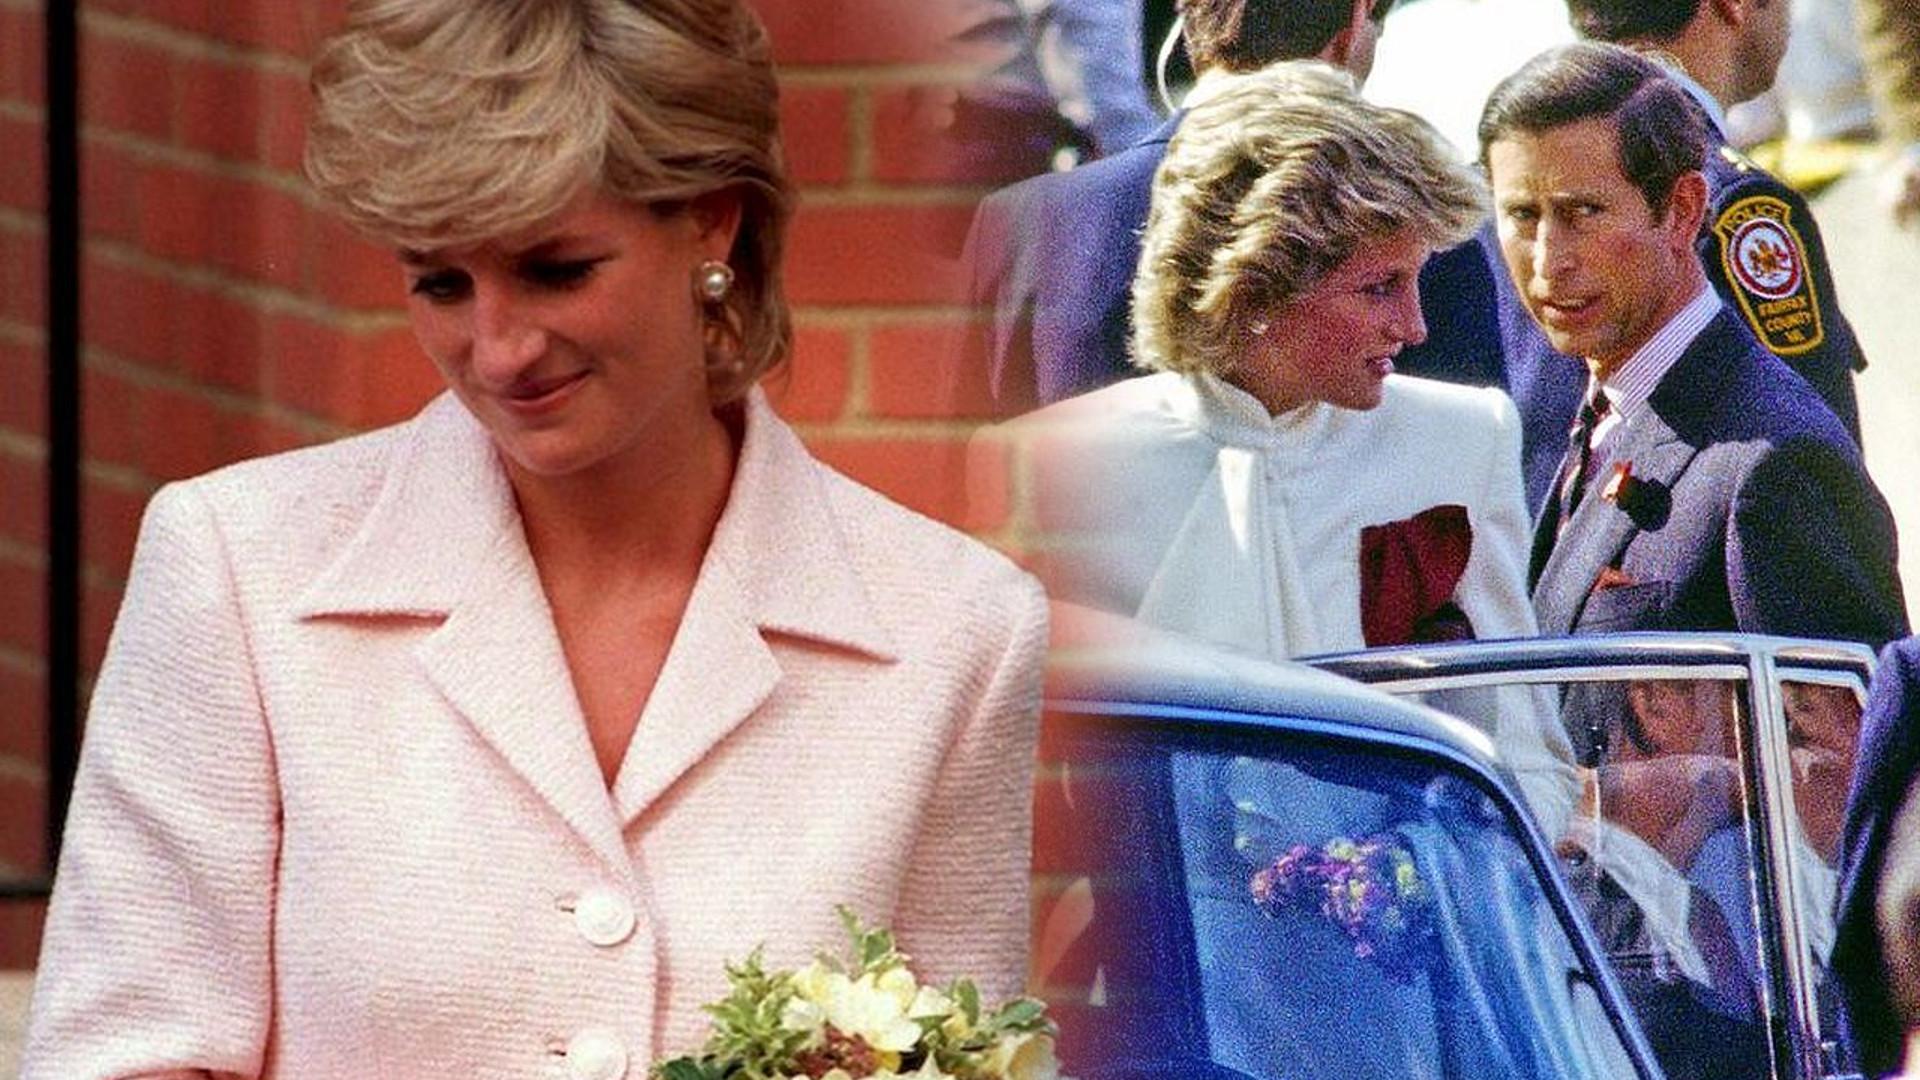 Szok! Książę Karol chciał ODWOŁAĆ ślub z Dianą!